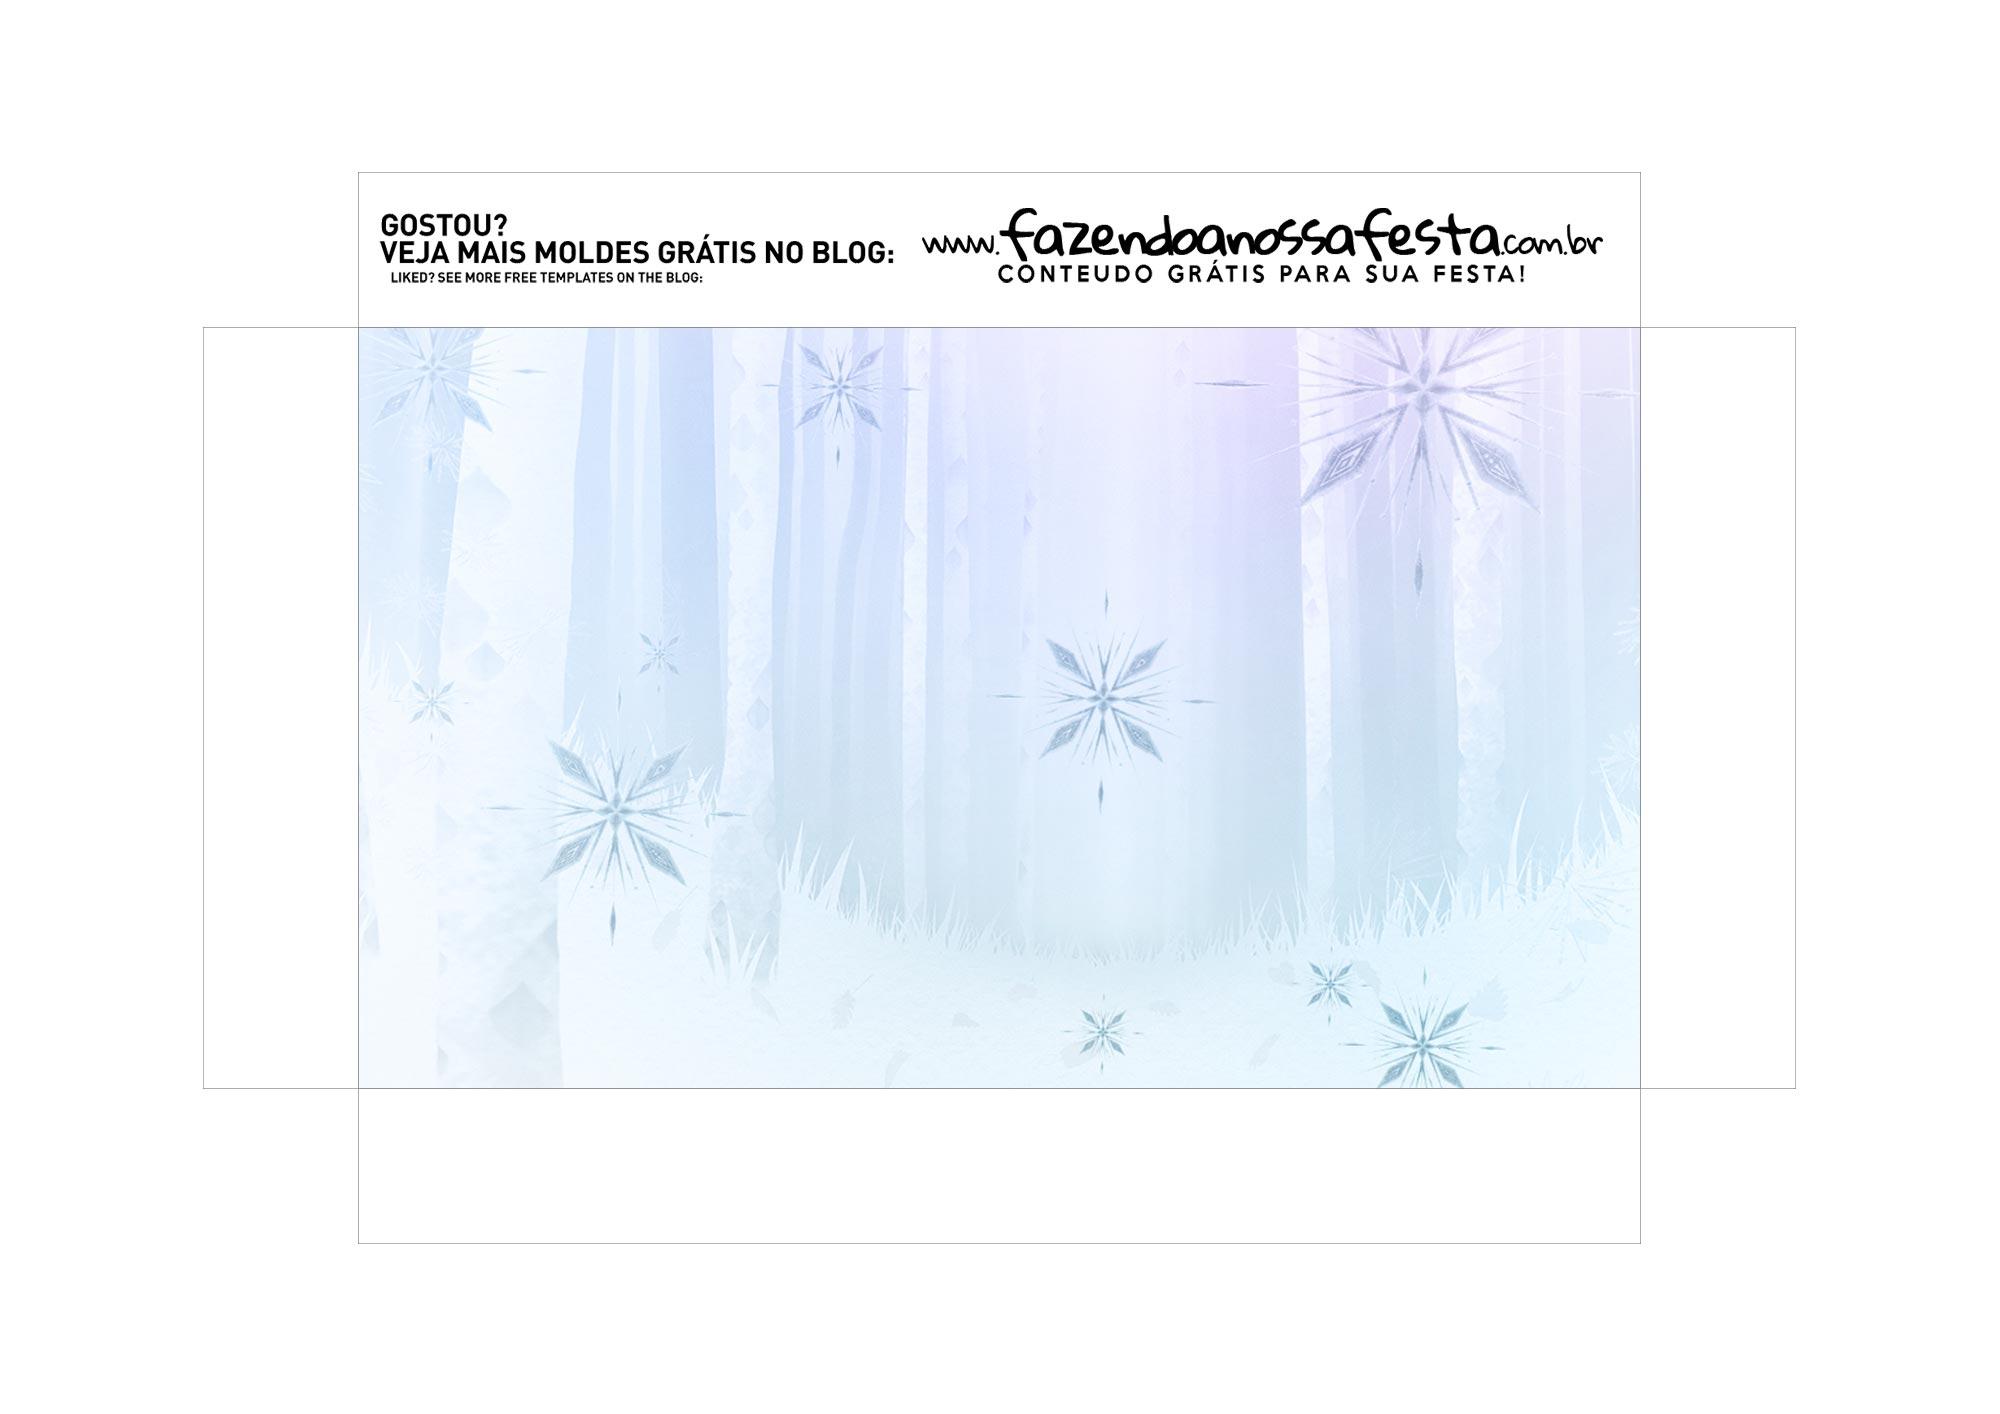 Caixa Explosao Mini Confeiteiro Frozen 2 parte 2